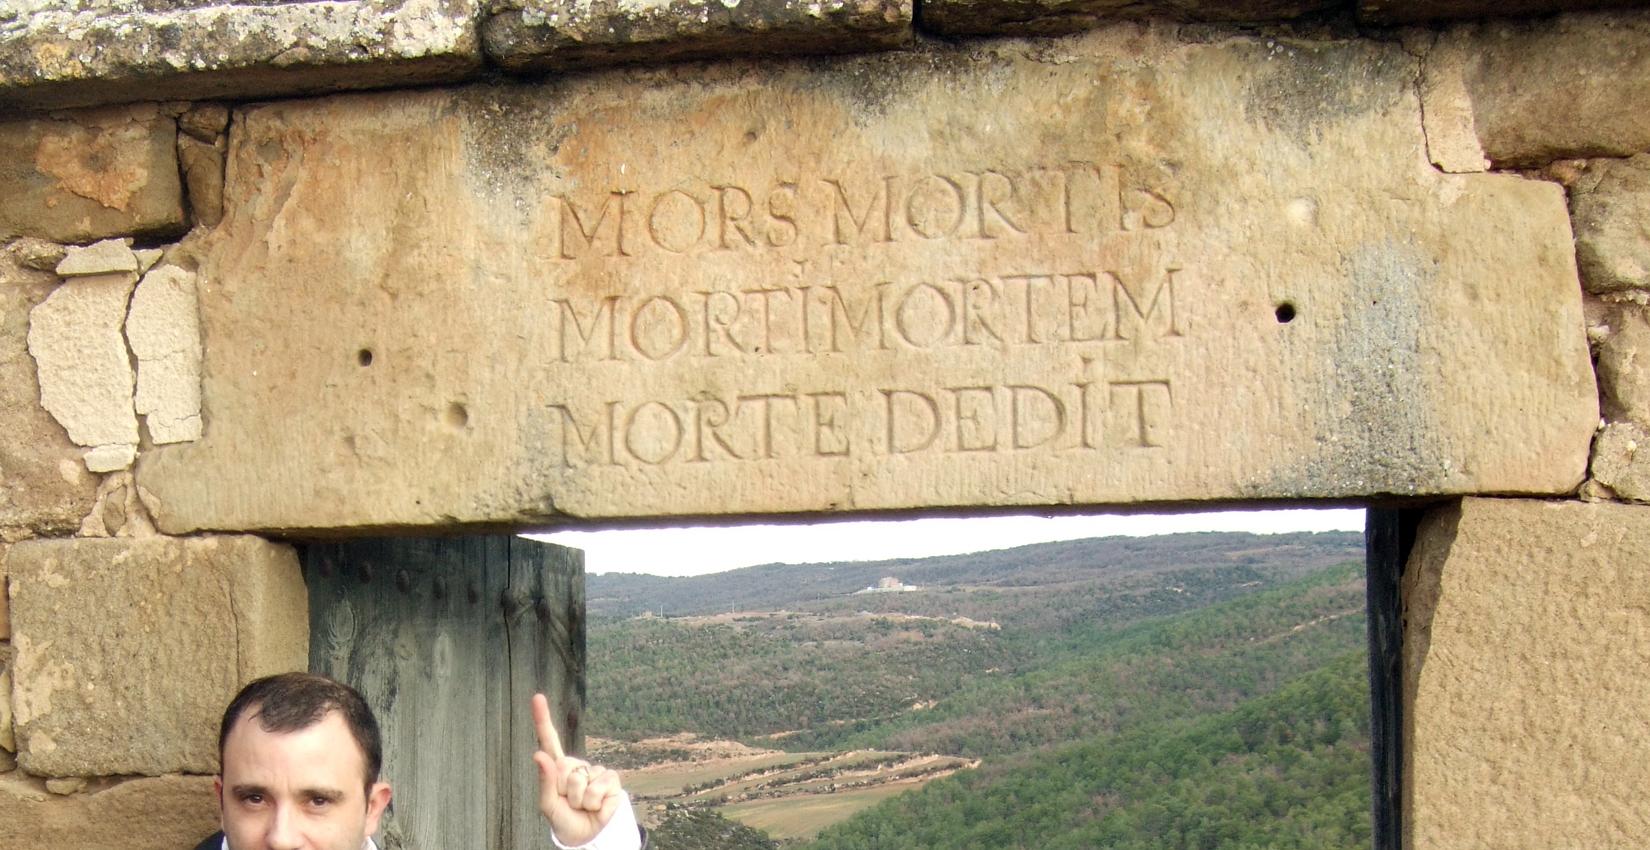 21.09.2016 Epigrafia present a la porta d'accés del cementiri.  Lloberola. -  Jordi Bibià Balada